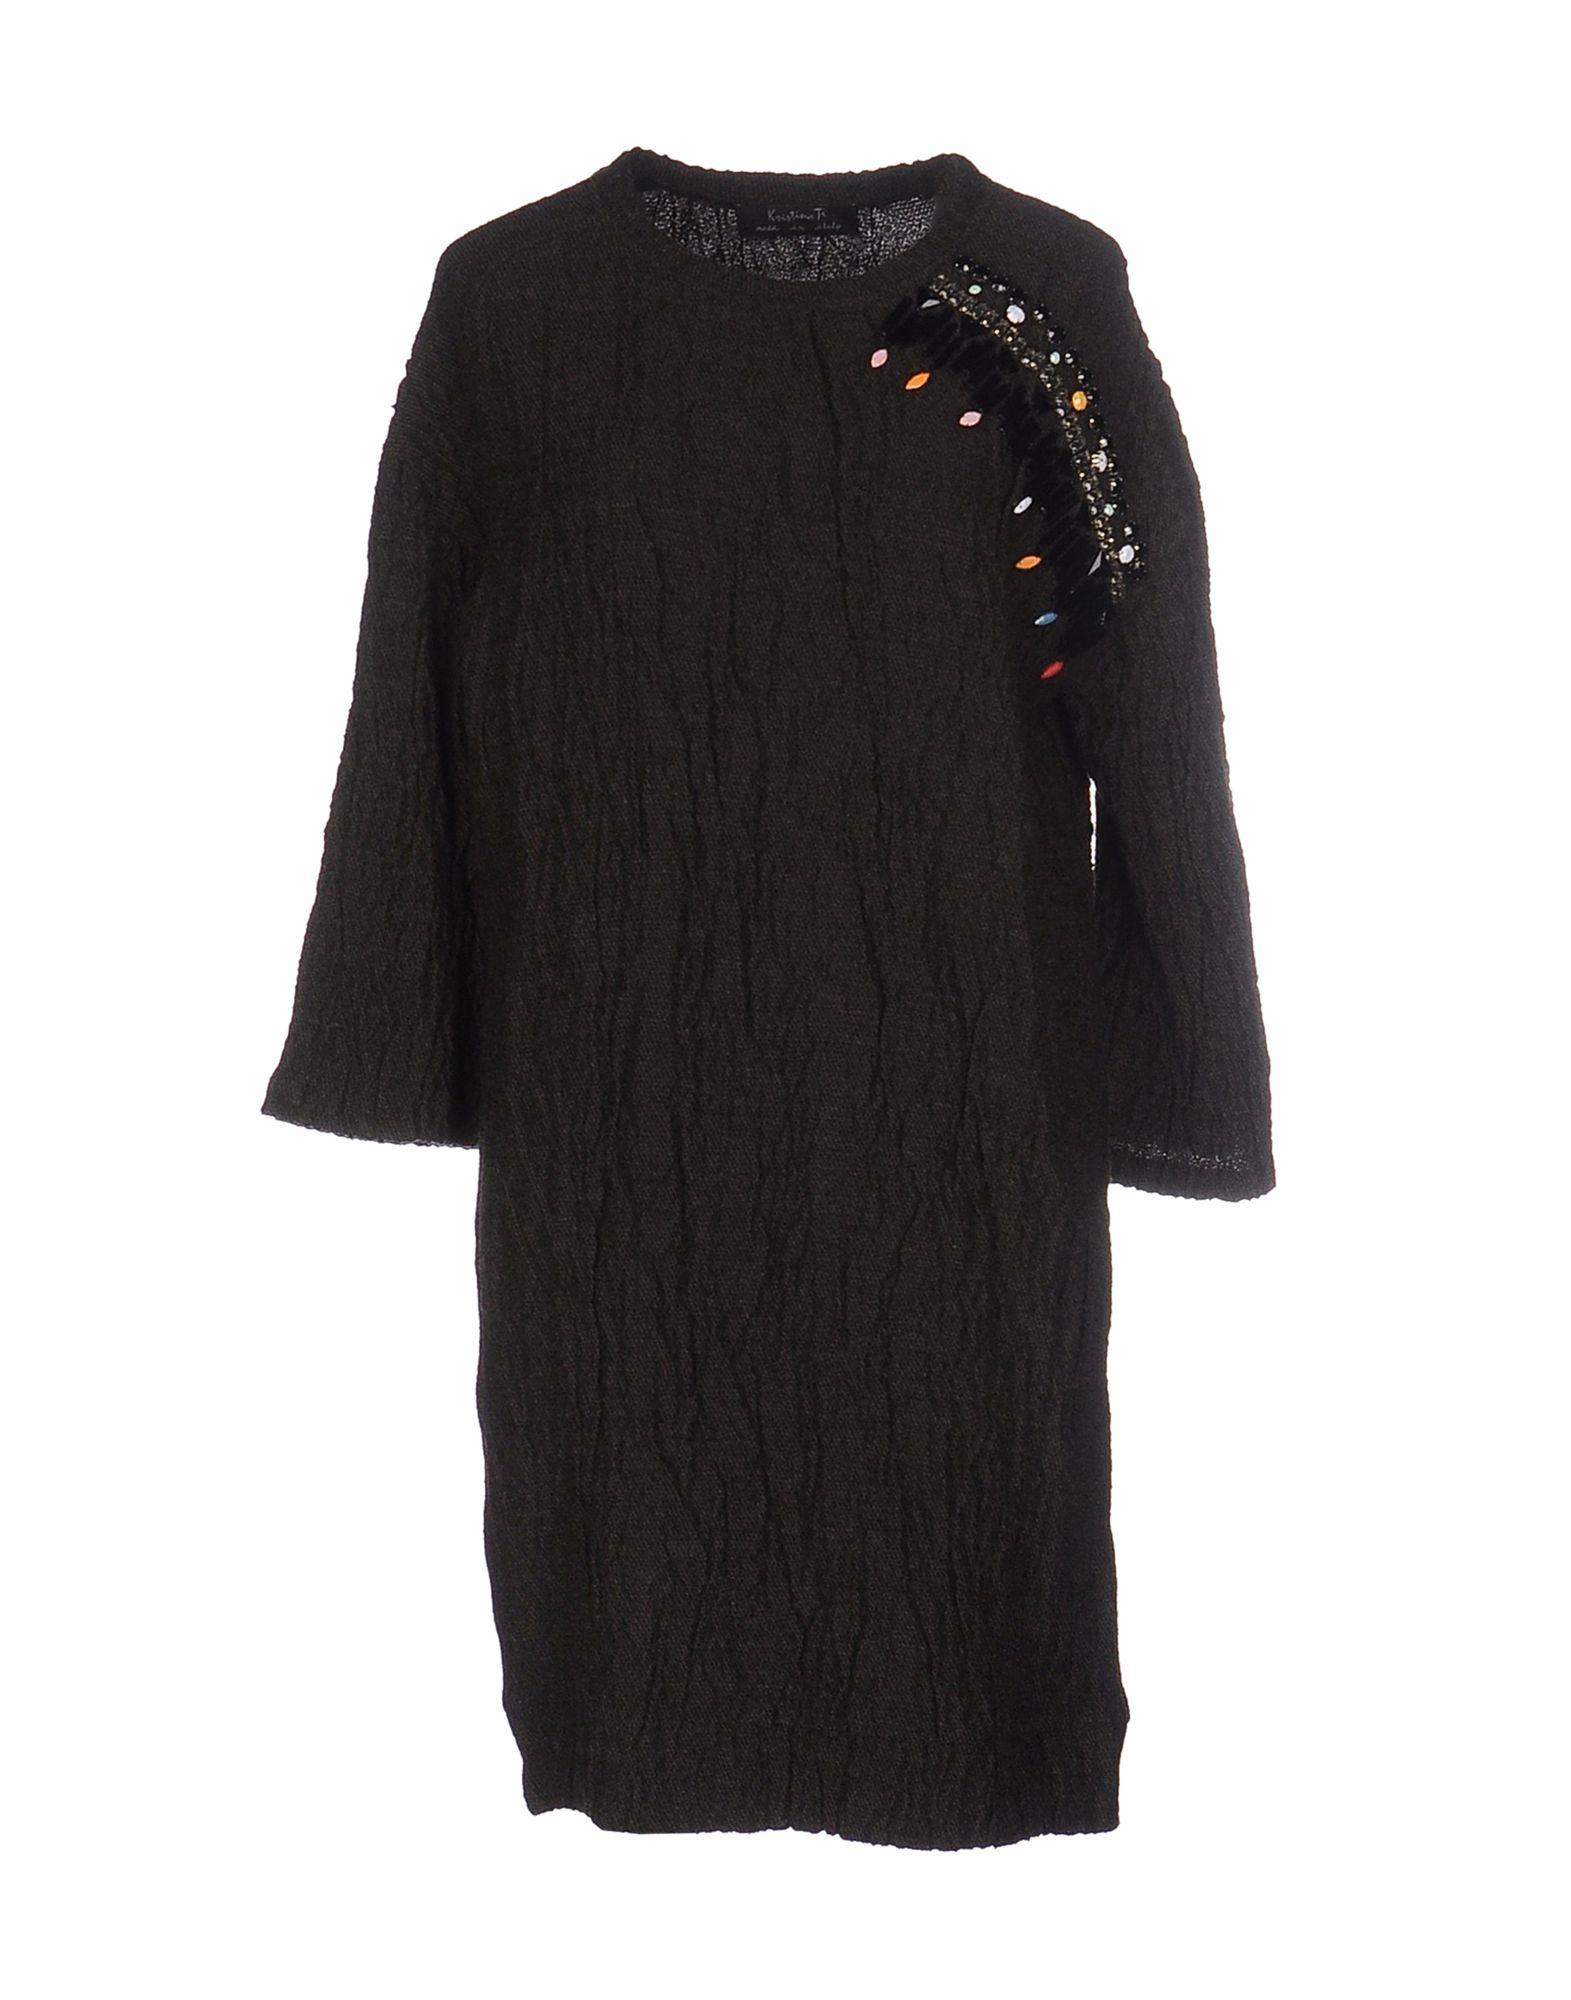 KRISTINA TI Короткое платье платье маргарита kristina платье маргарита